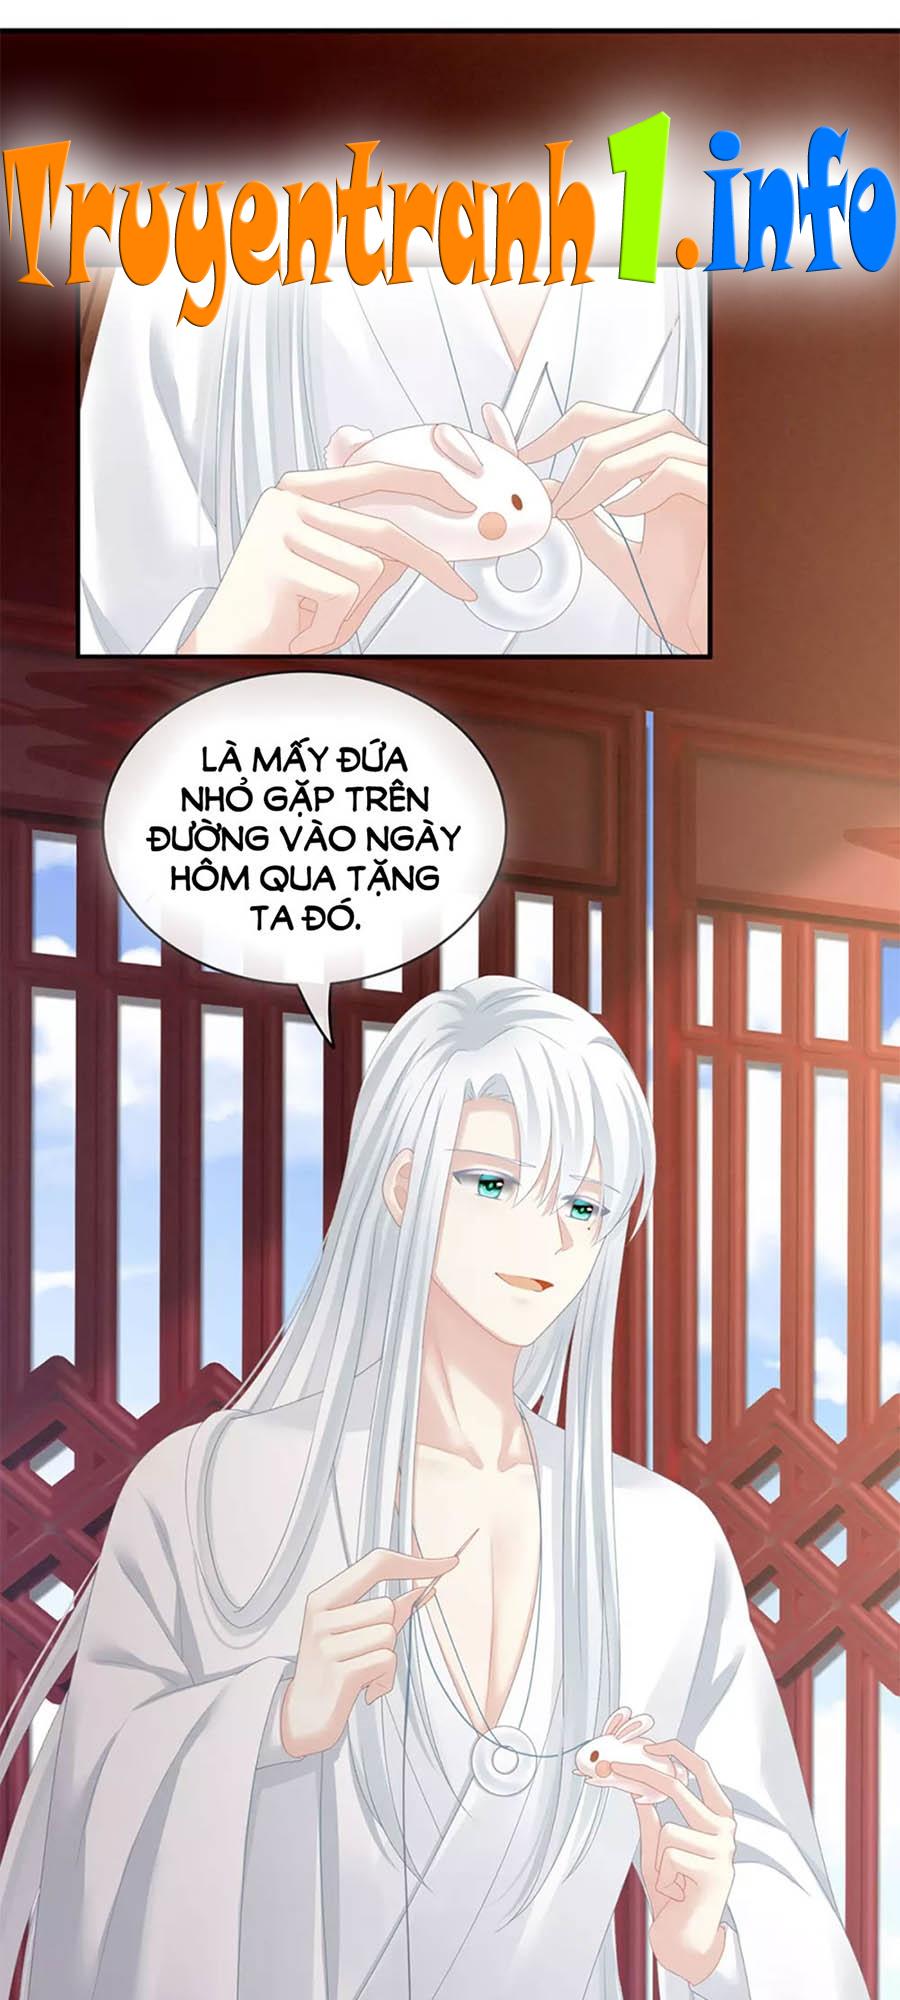 Hậu Cung Của Nữ Đế chap 113 - Trang 2